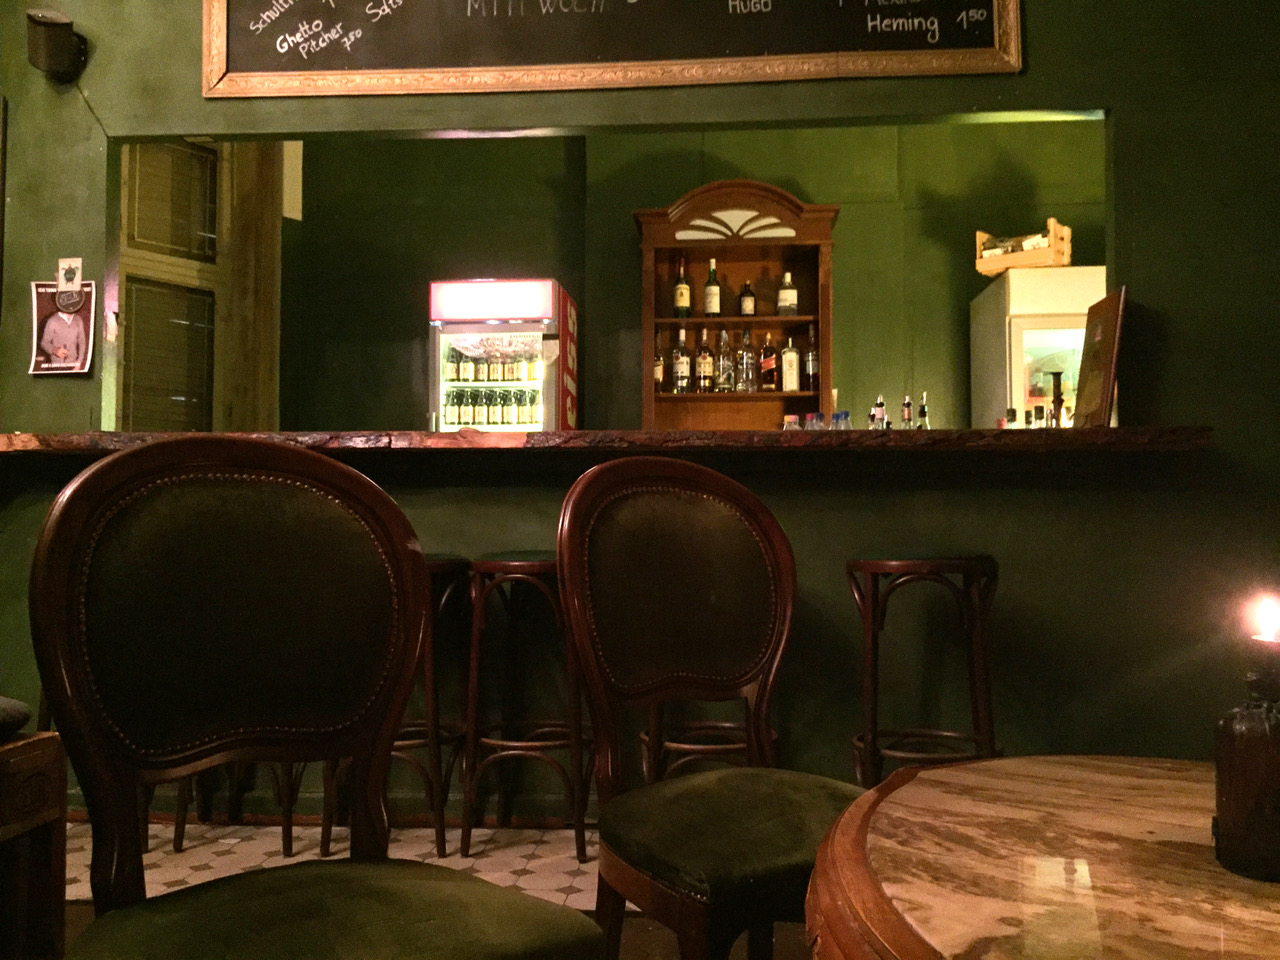 Die Bar Bringt Ein Wenig Glanz In Den Wedding Das Herrenzimmer Mit Historischen Mbeln Imposantem Kronleuchter Und Gemlde Der Blackroom All Black